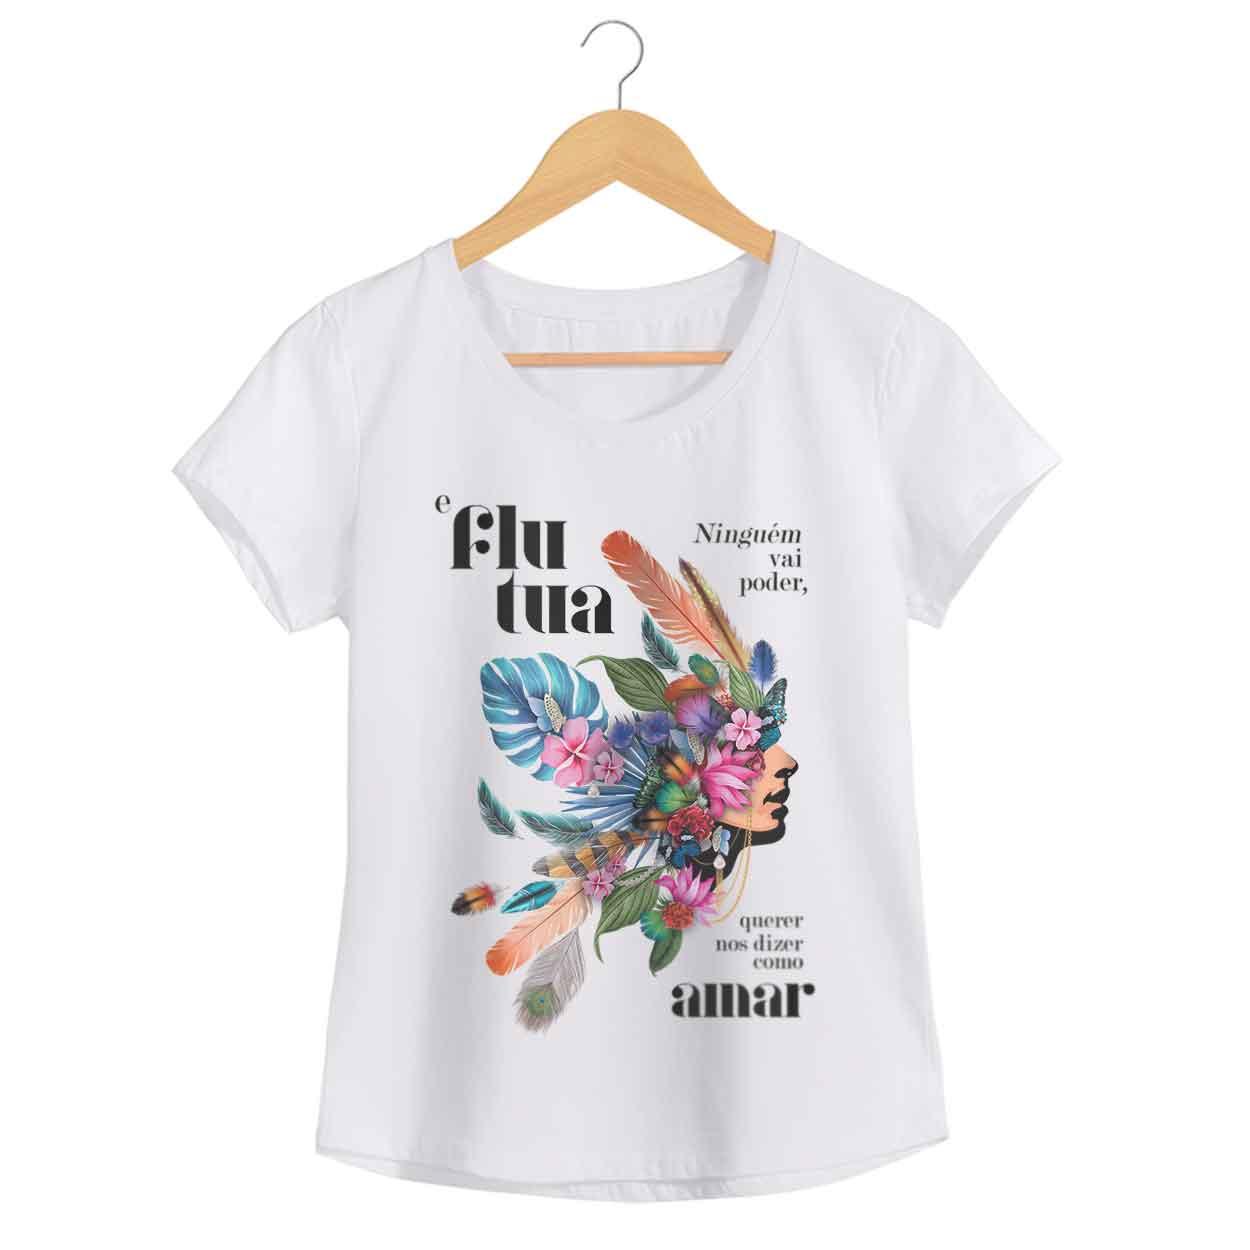 Camiseta - Flutua - Johnny Hooker - Feminino